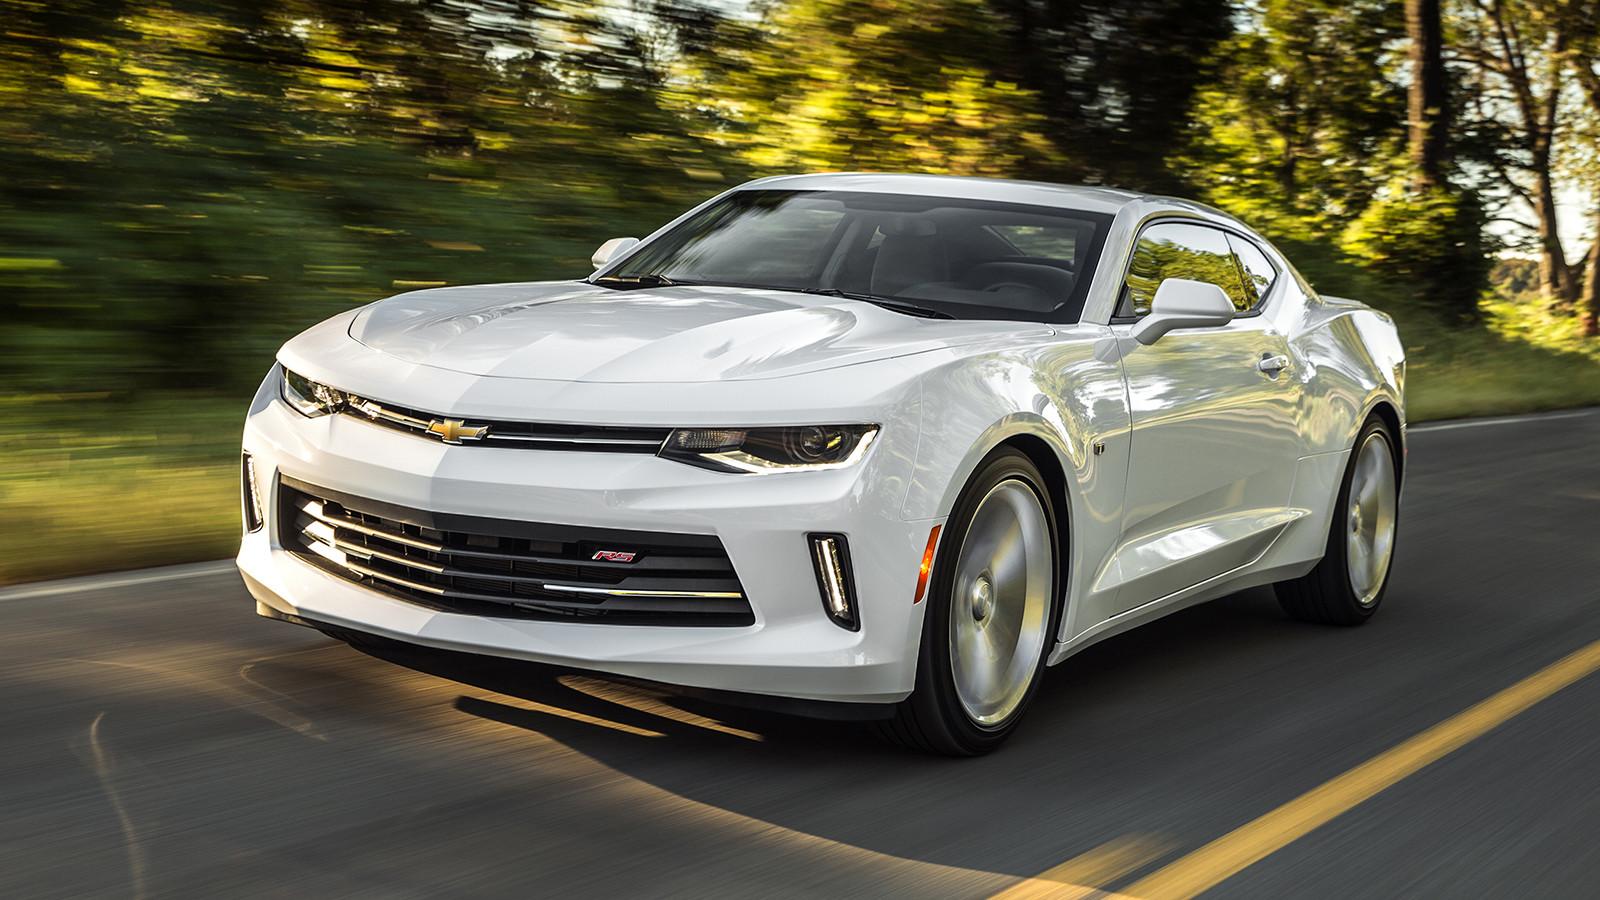 БМВ и Хюндай выпускают самые технологичные автомобили